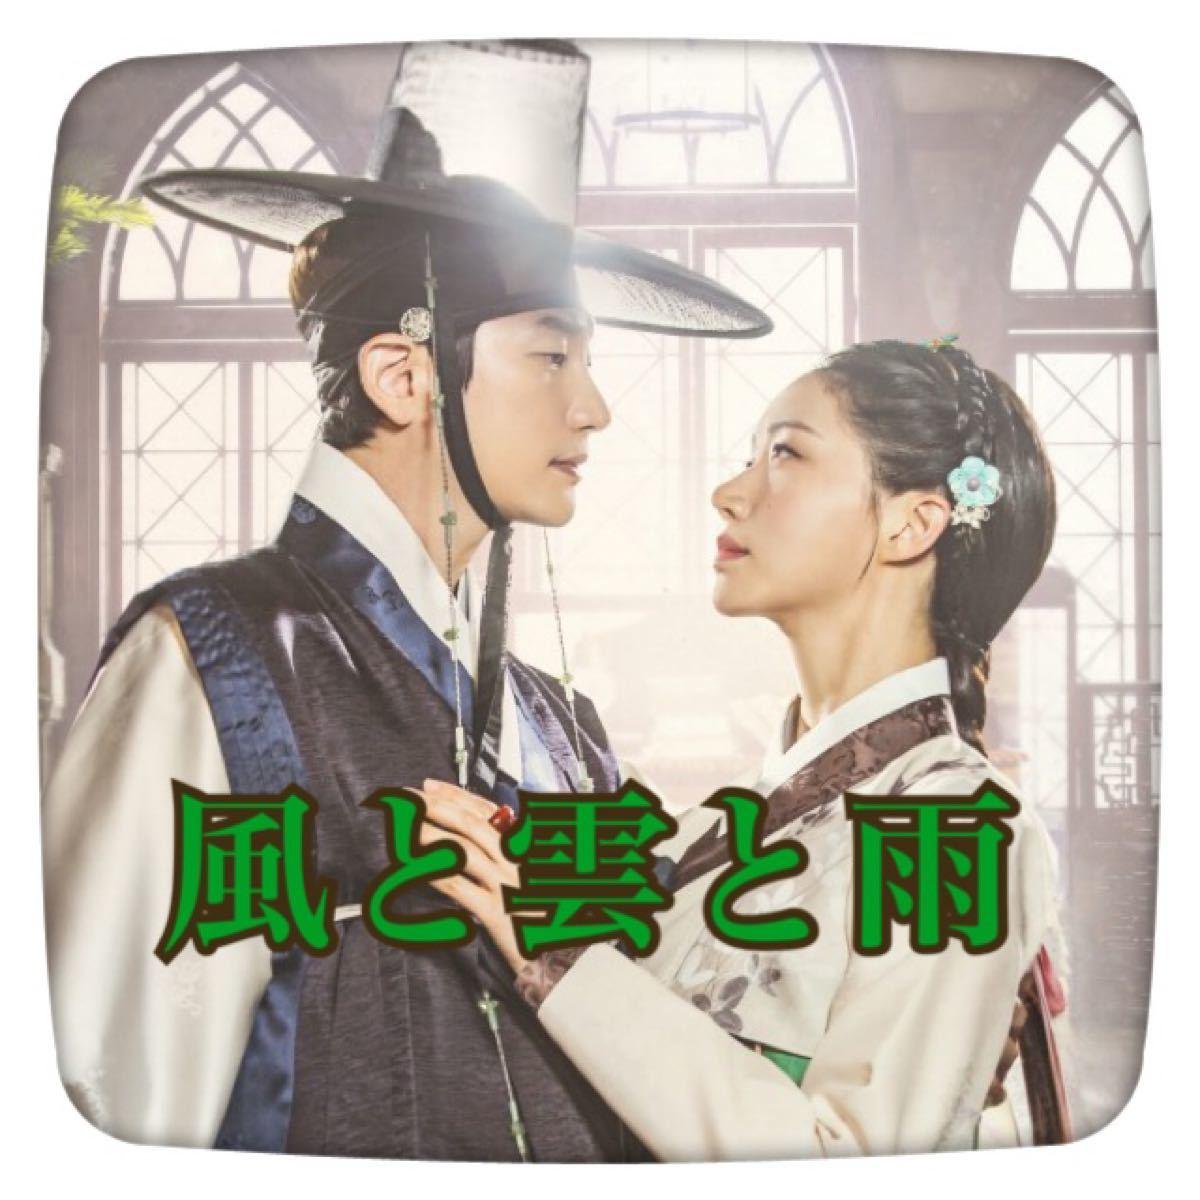 【風と雲と雨】Blu-ray 韓国ドラマ 韓流